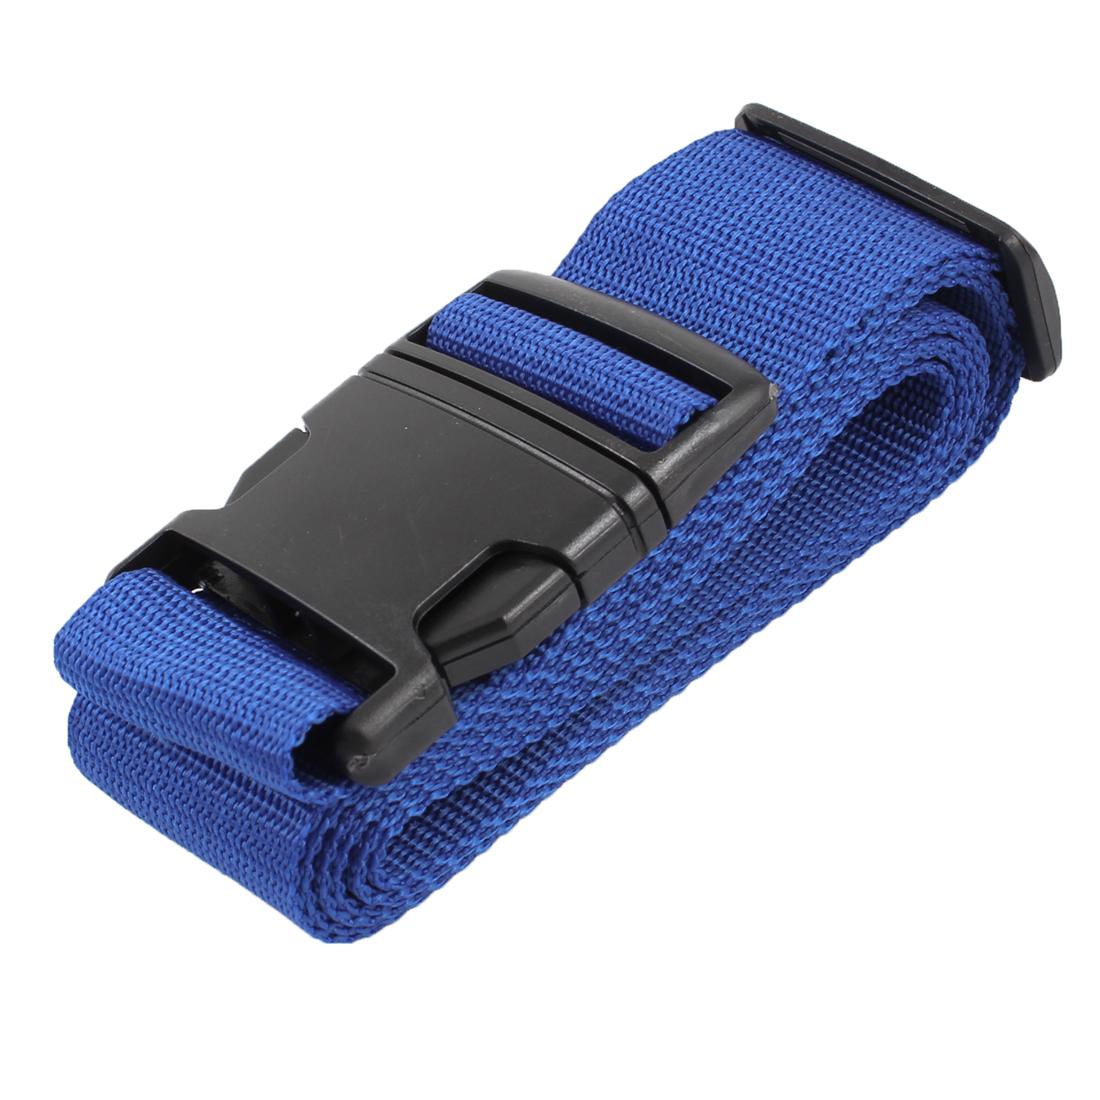 Plastic Release Buckle Adjustable Luggage Strap Belt Black Blue